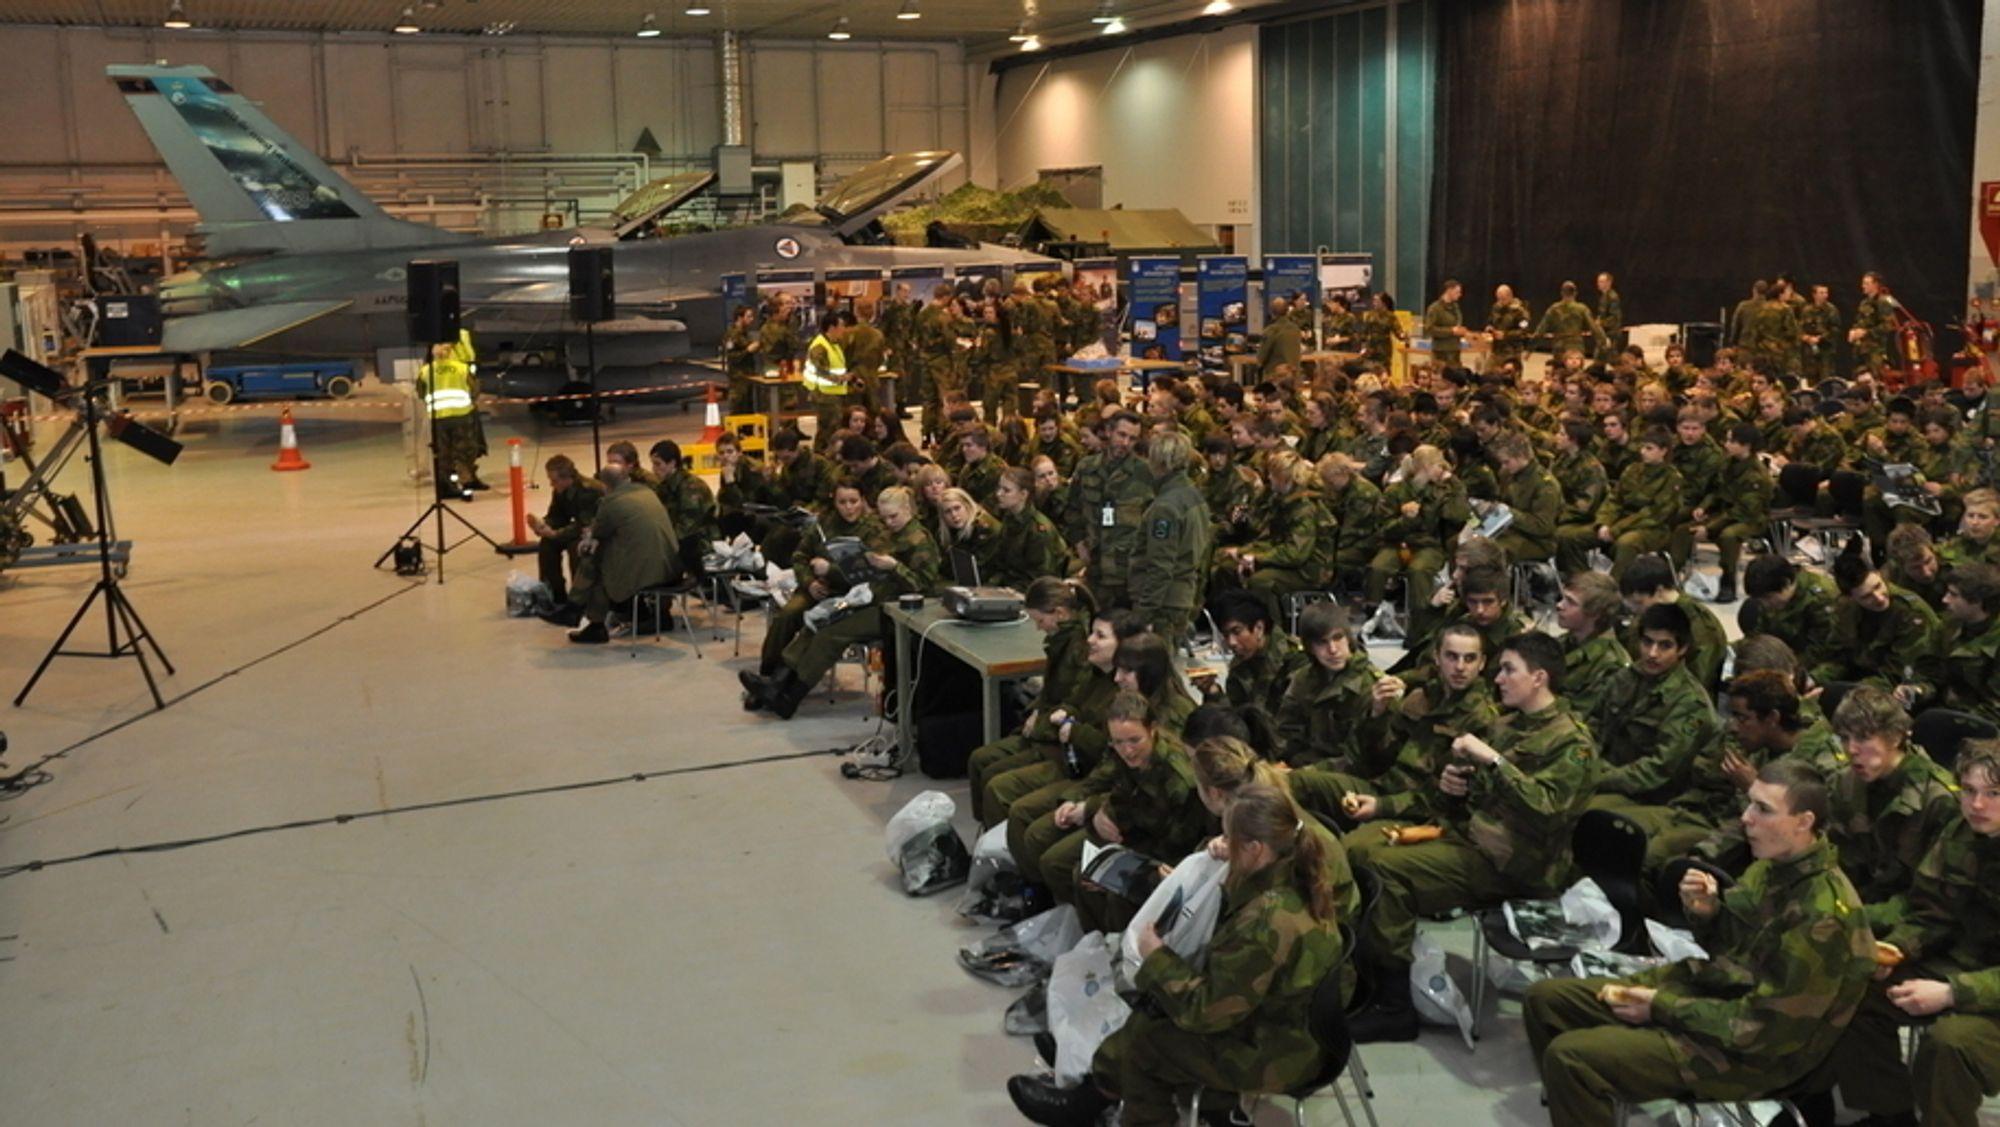 Slik så det ut når 220 ungdommer fra hele Norge var samlet i hangaren på Kjevik  under en rekrutteringscamp.